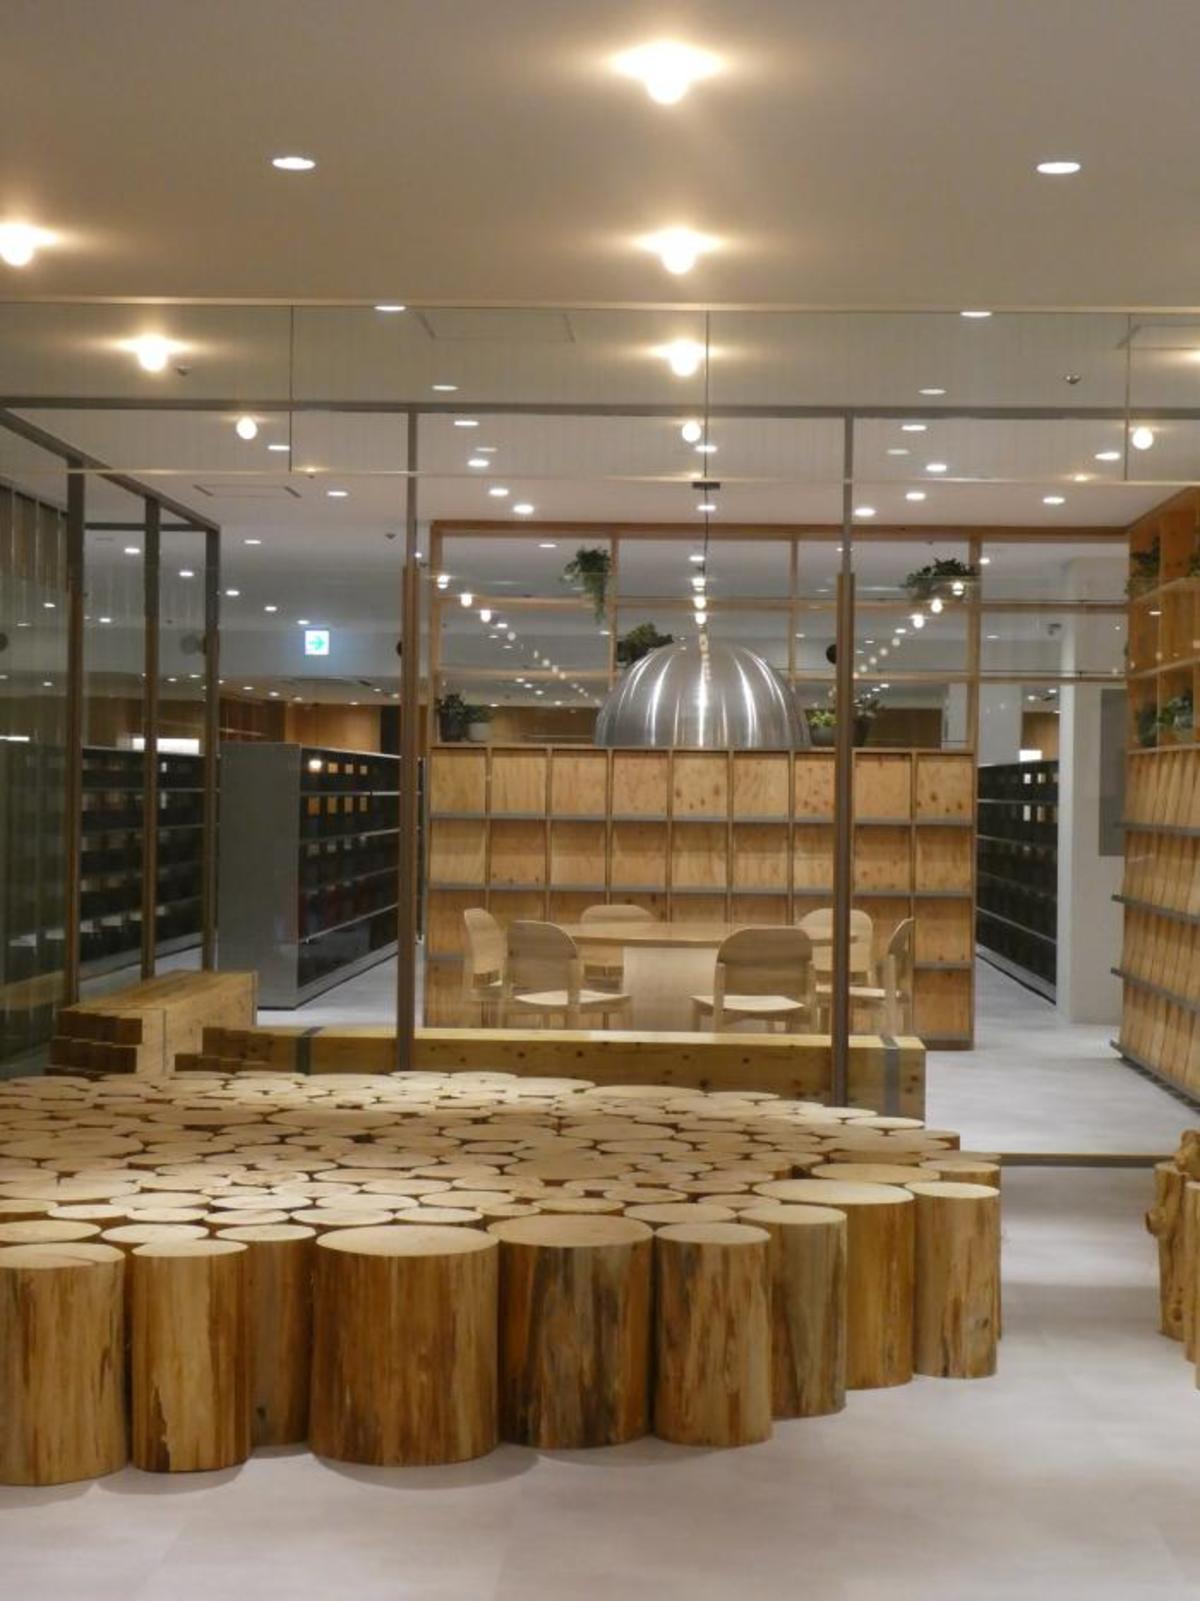 今年オープンした名谷図書館。六甲の木材を活用し、人にも環境にも優しい。(出典:神戸市)